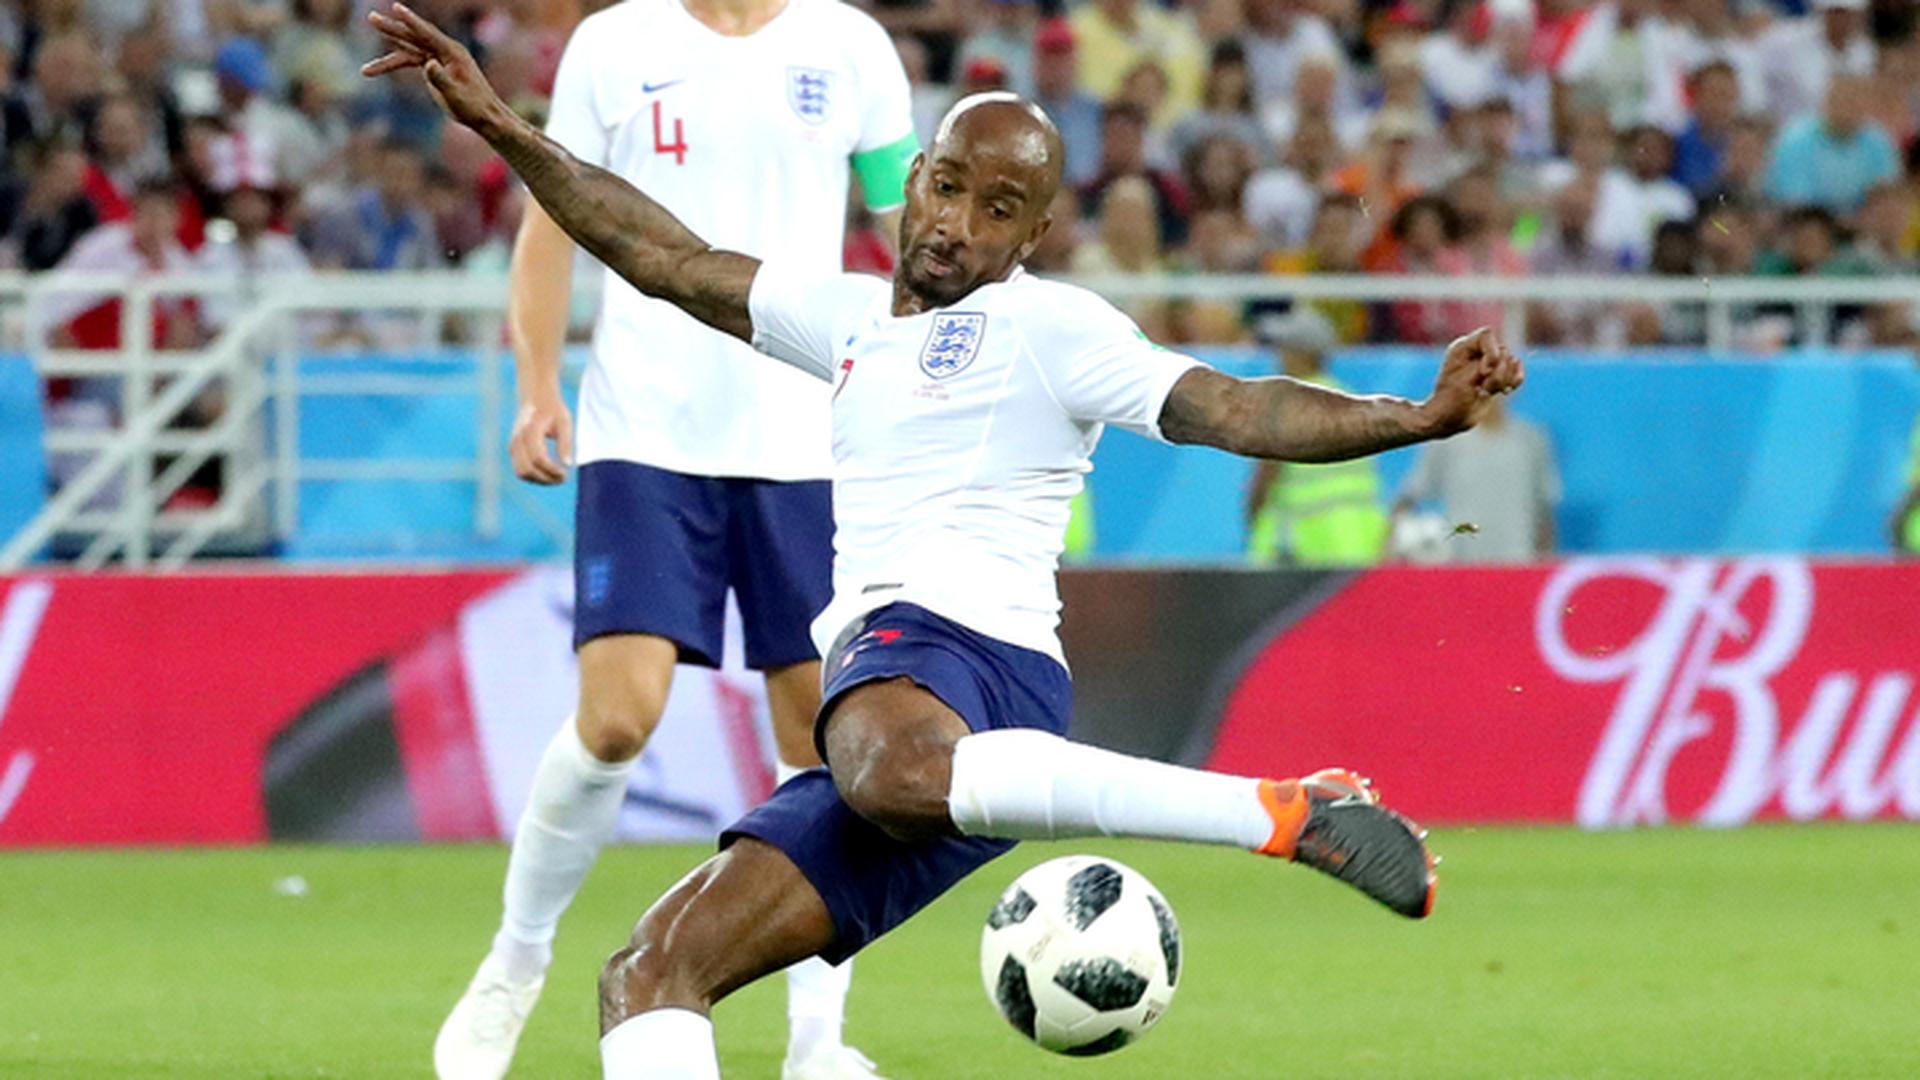 Фабиан Делф покинет сборную Англии из-за рождения третьего ребенка